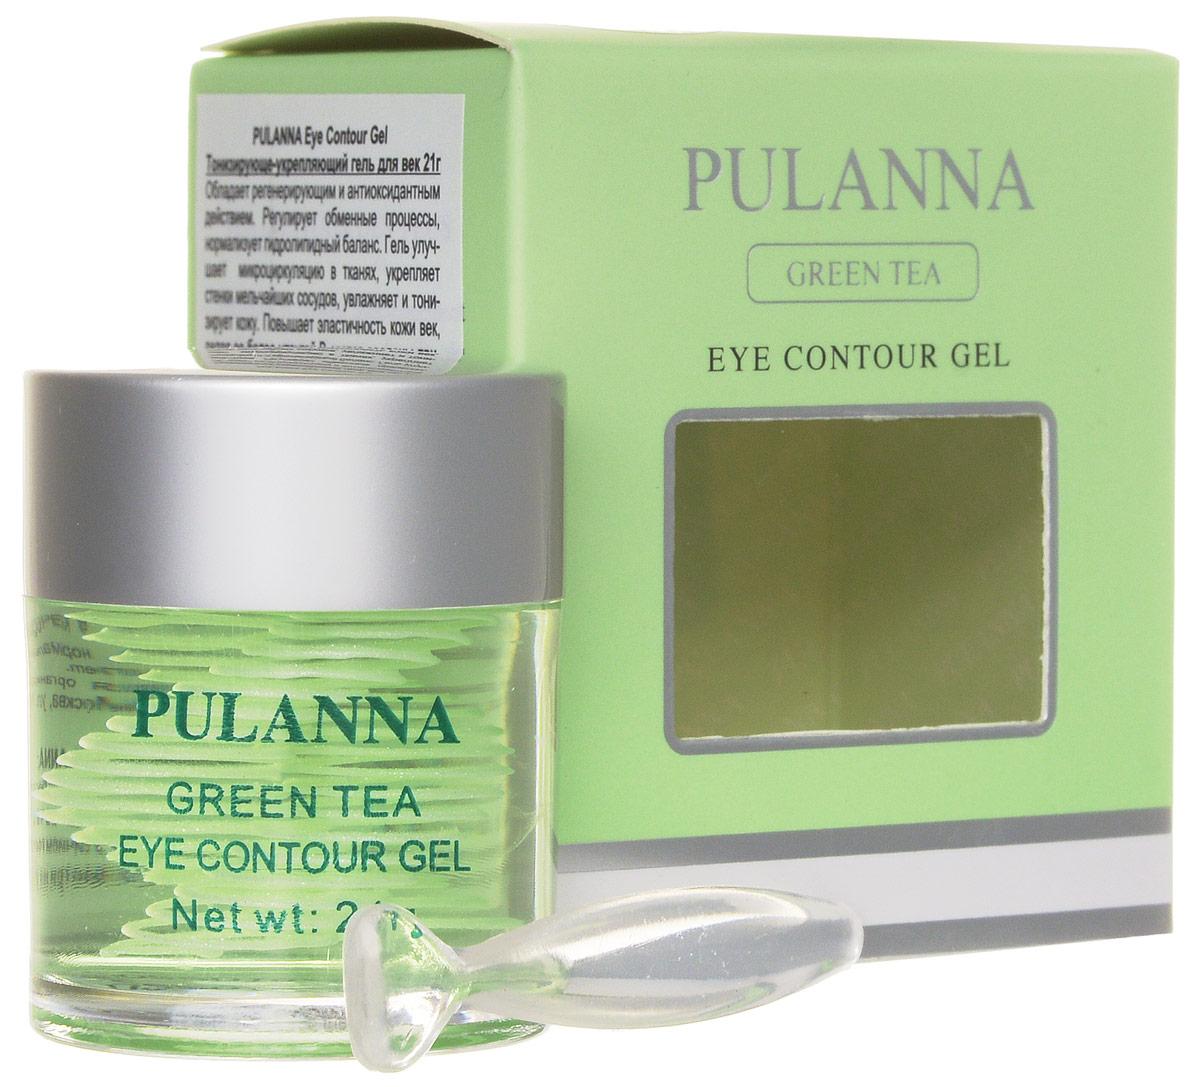 Pulanna Тонизирующе-укрепляющий гель для век на основе зеленого чая - Eye Contour Gel 21 г5902596005115Гель обладает регенерирующим и антиоксидантным действием. Регулирует обменные процессы, нормализует гидро-липидный баланс кожи. Улучшает микроциркуляцию в тканях, укрепляет стенки мельчайших сосудов, увлажняет и тонизирует кожу. Экстракт хвоща и зеленого чая нормализуют водно-жировой и кислородный обмен. Гель повышает эластичность кожи век, делая ее более упругой. В состав введены природные фотофильтры. Является прекрасной базой под макияж.Рекомендован с 20 лет.